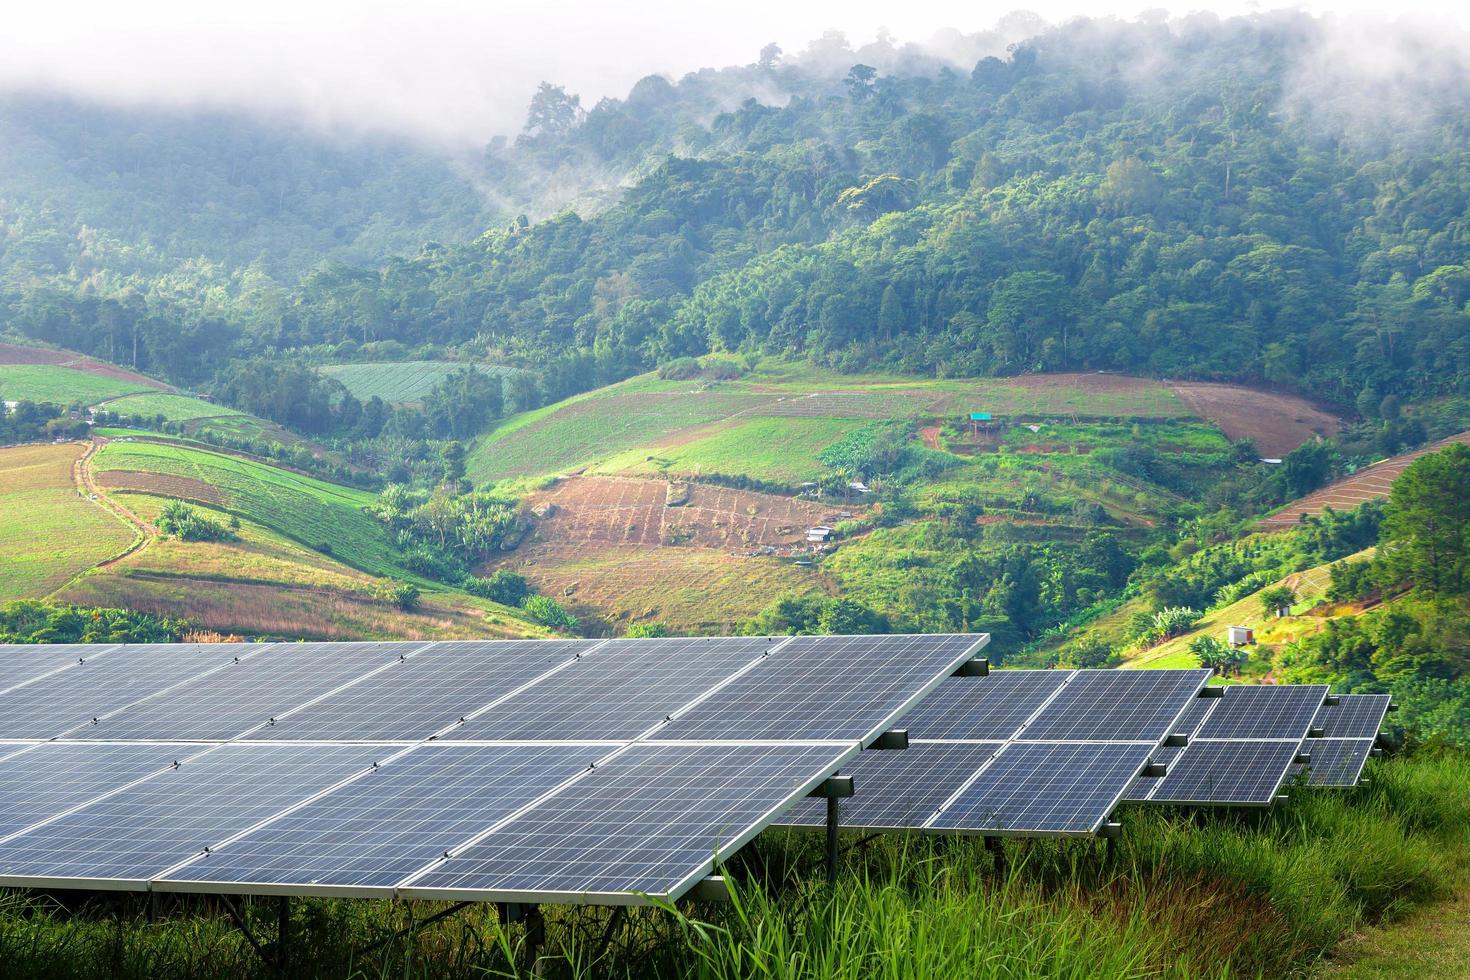 Das Sonnenkollektorfeld befindet sich im Vordergrund des üppigen nebligen Dorfes foto